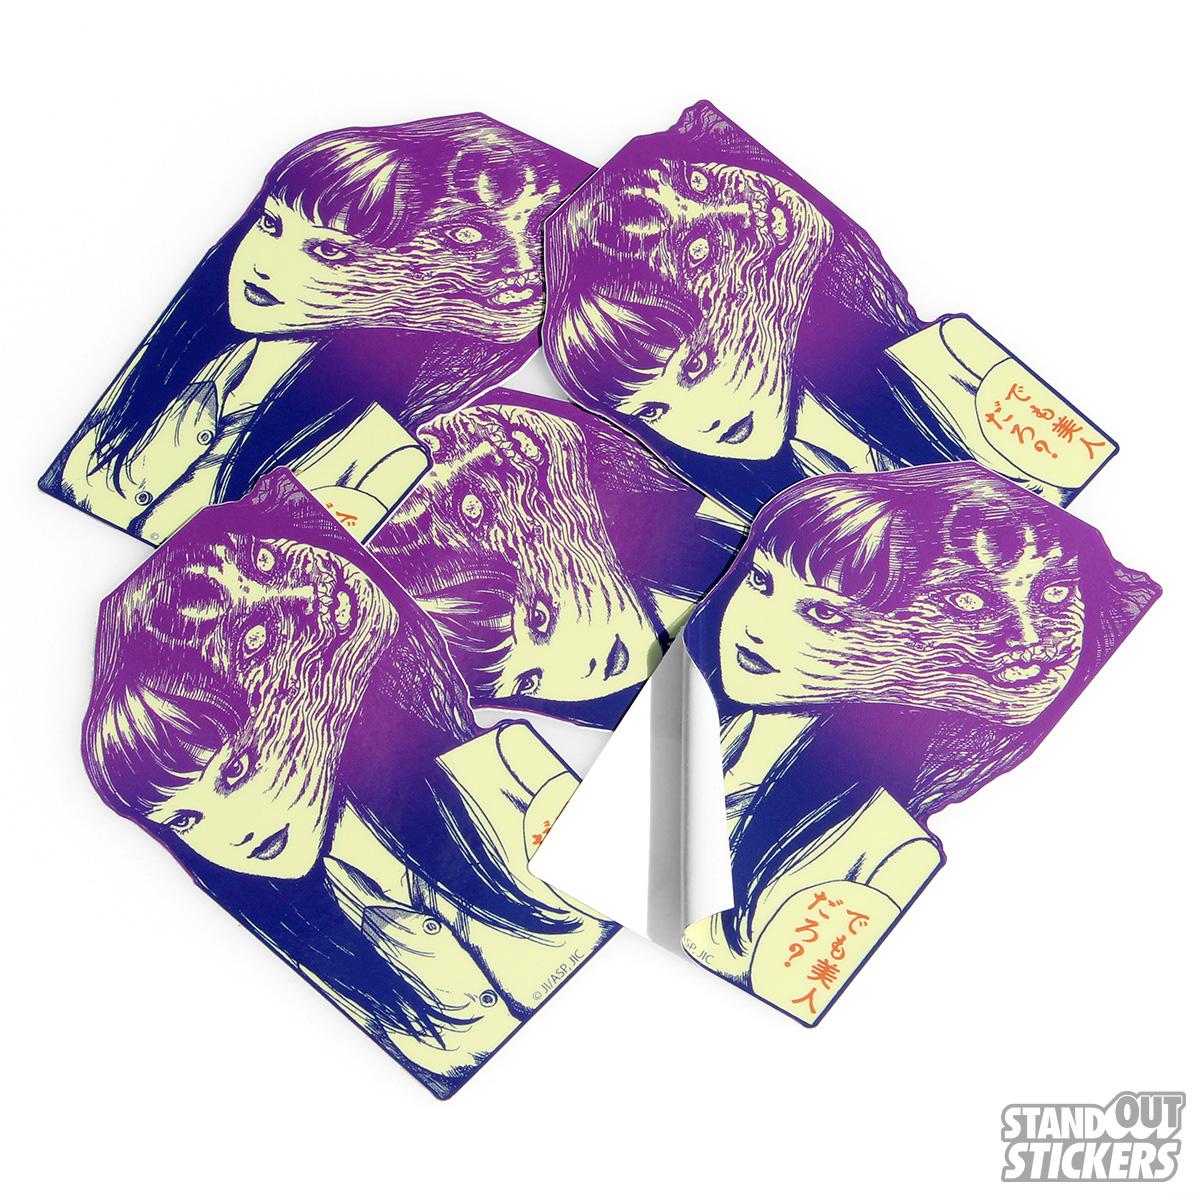 Die cut vinyl custom stickers